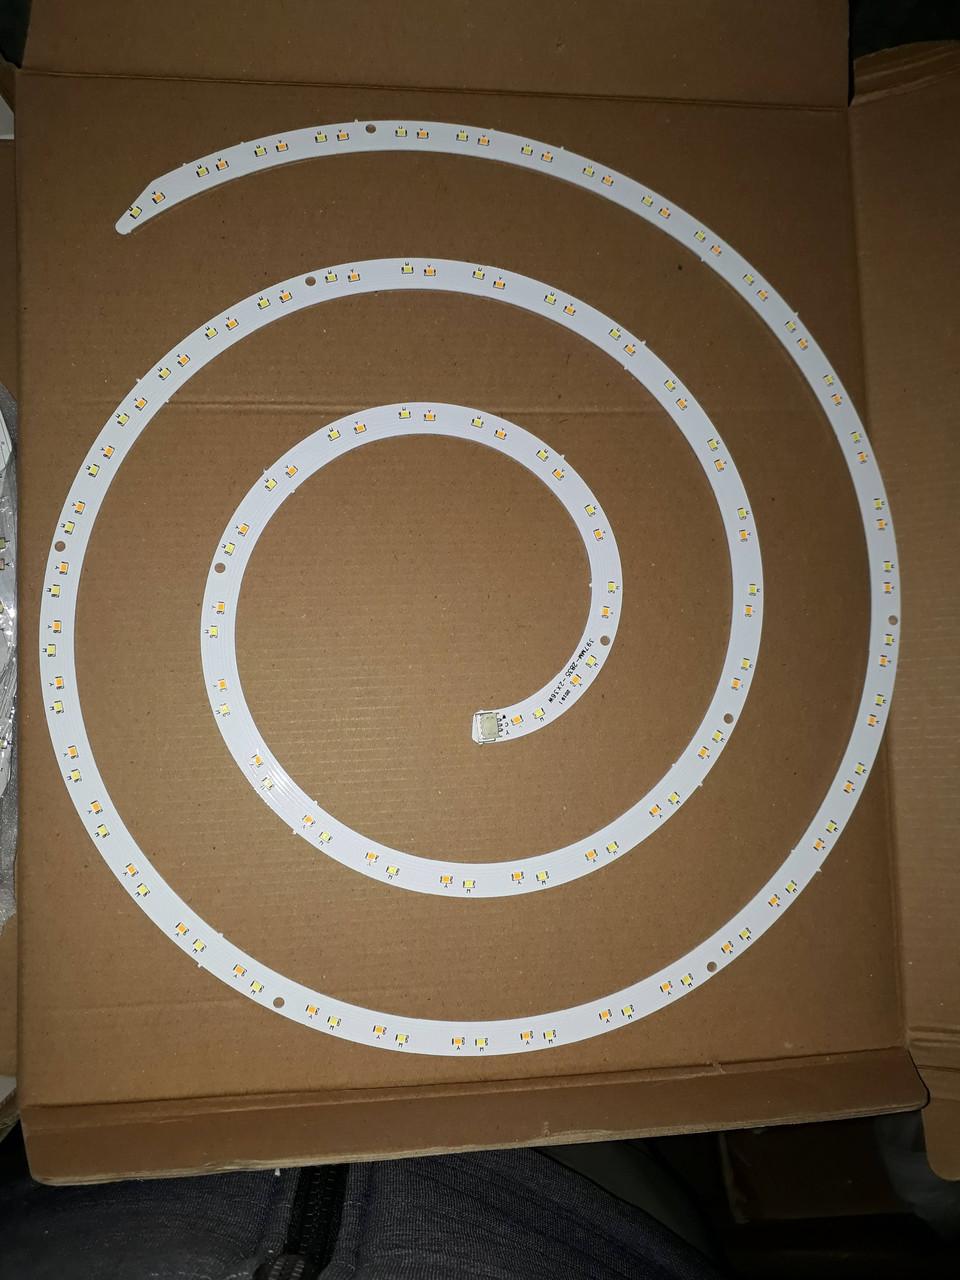 Двойной Светодиод 2х36w 2B36C*2 Светодиод Д397 мм. для светильника таблетка / Матрица для таблетки